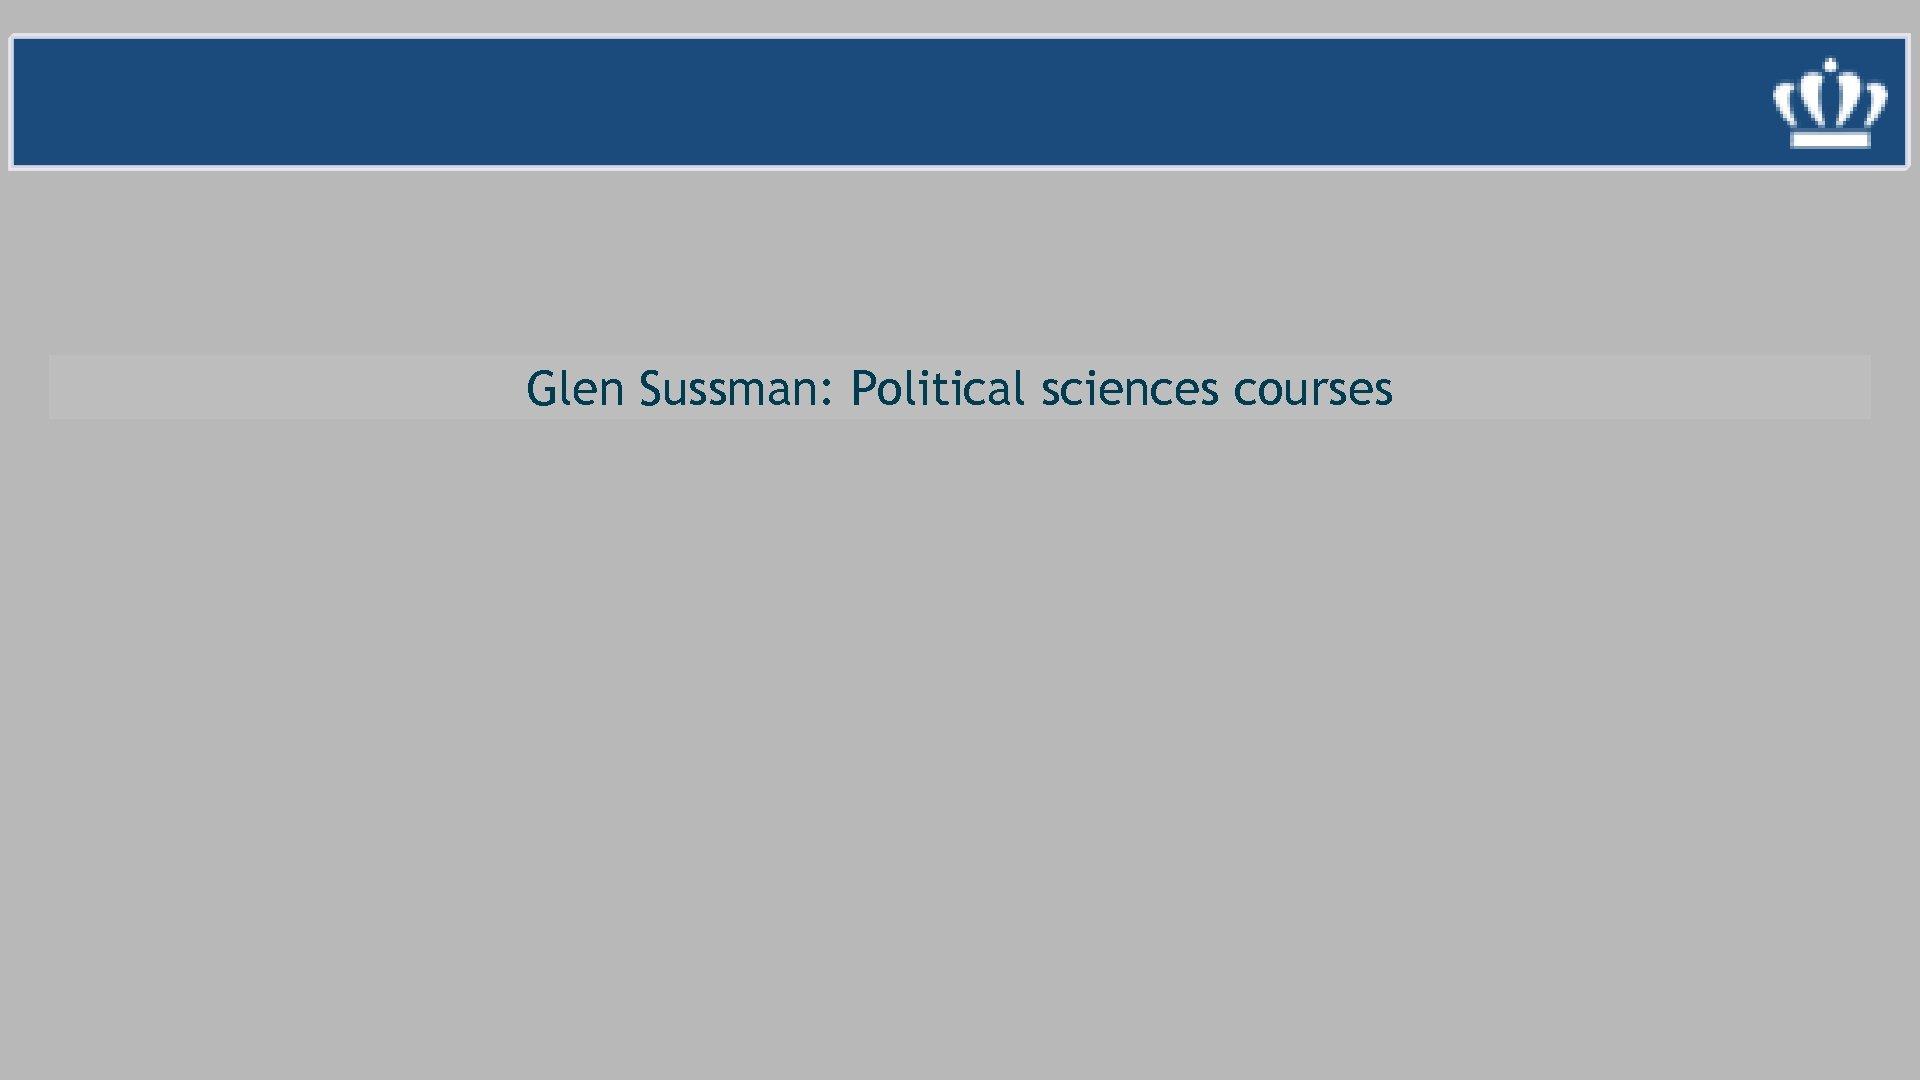 Glen Sussman: Political sciences courses